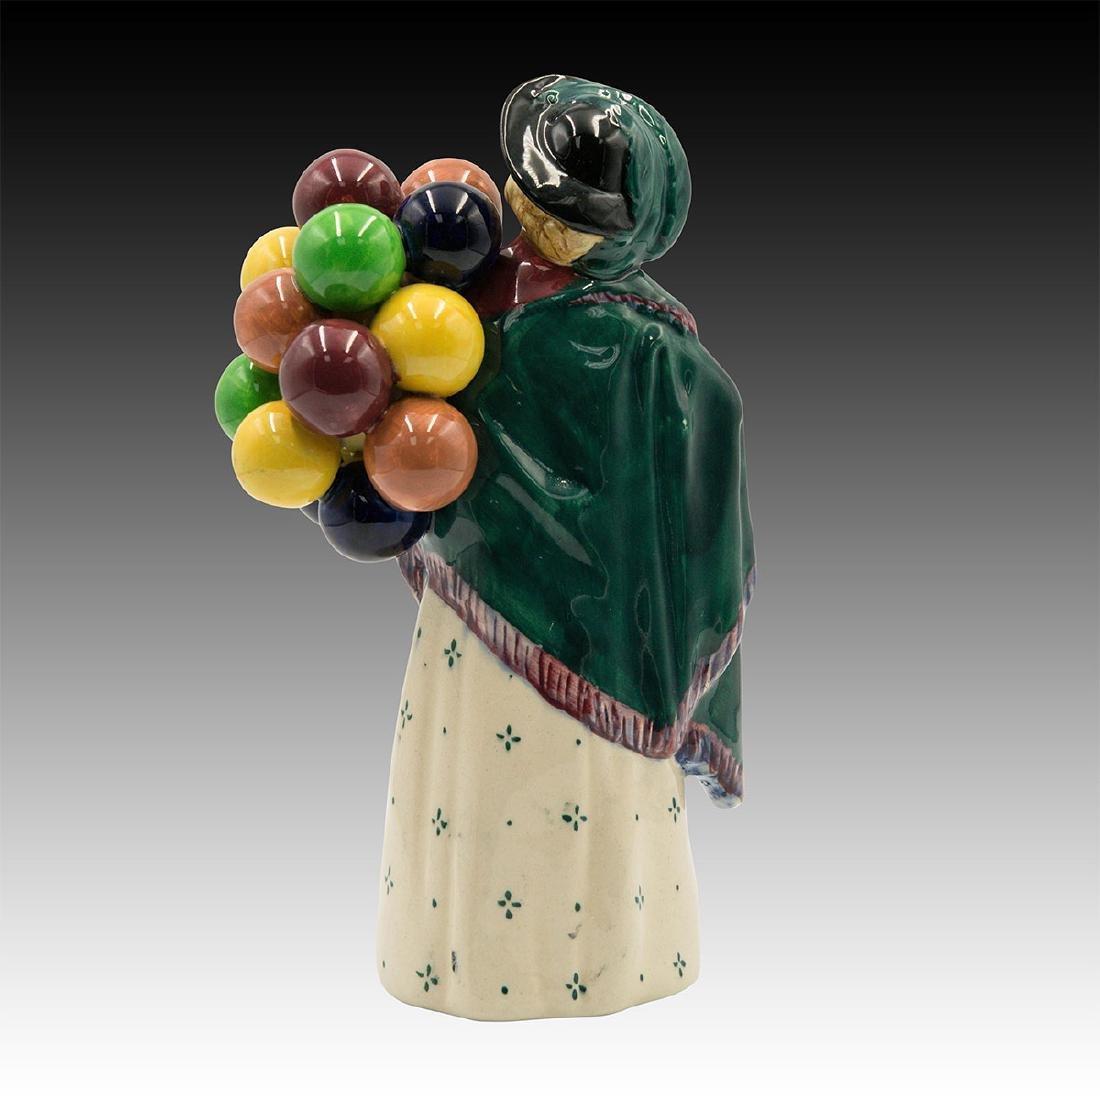 Royal Doulton Figurine Balloon Seller HN 583 - 2